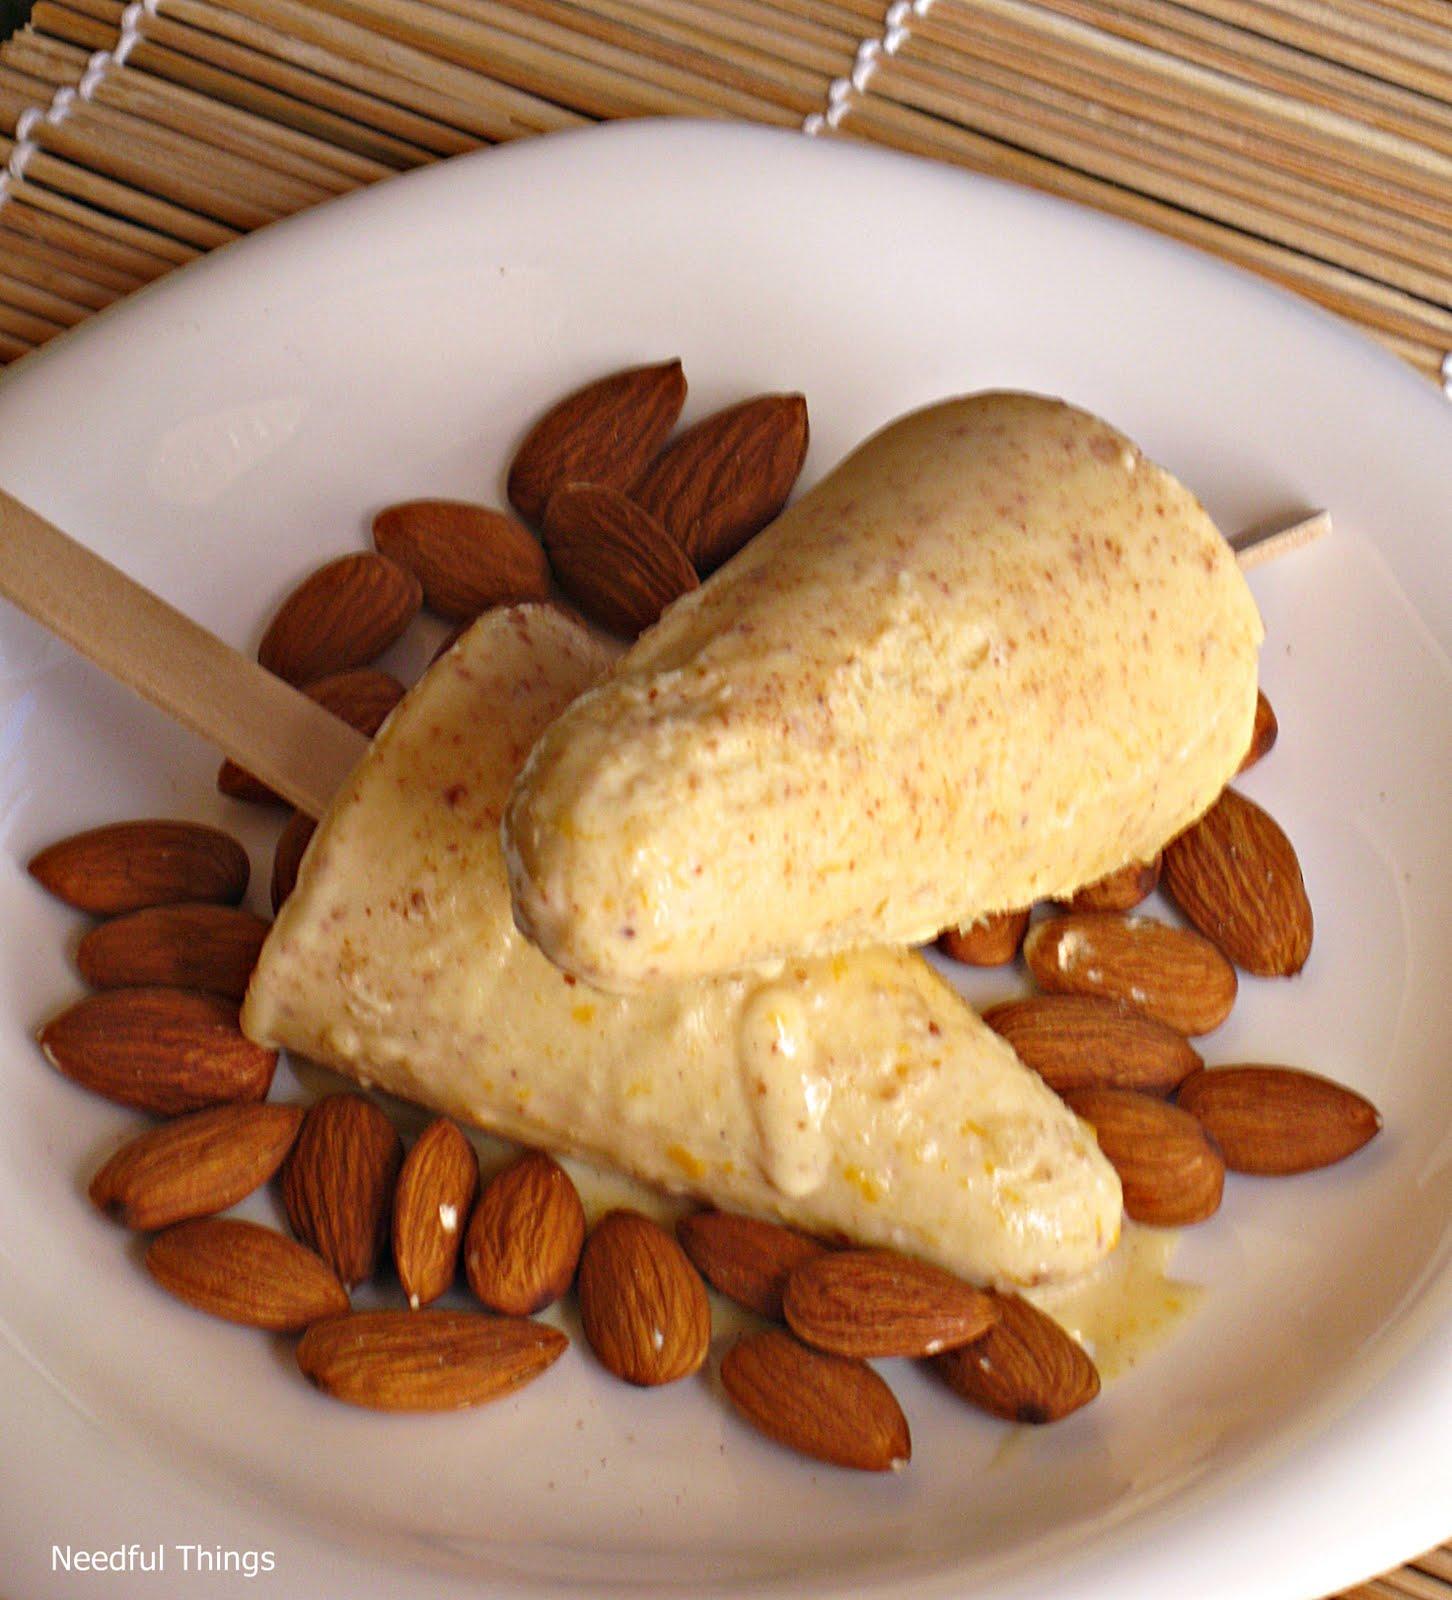 http://4.bp.blogspot.com/_CSjRY83neEY/TFs1GHMq1NI/AAAAAAAAApk/RnqFT2O3hlU/s1600/mango-kulfi-2.JPG